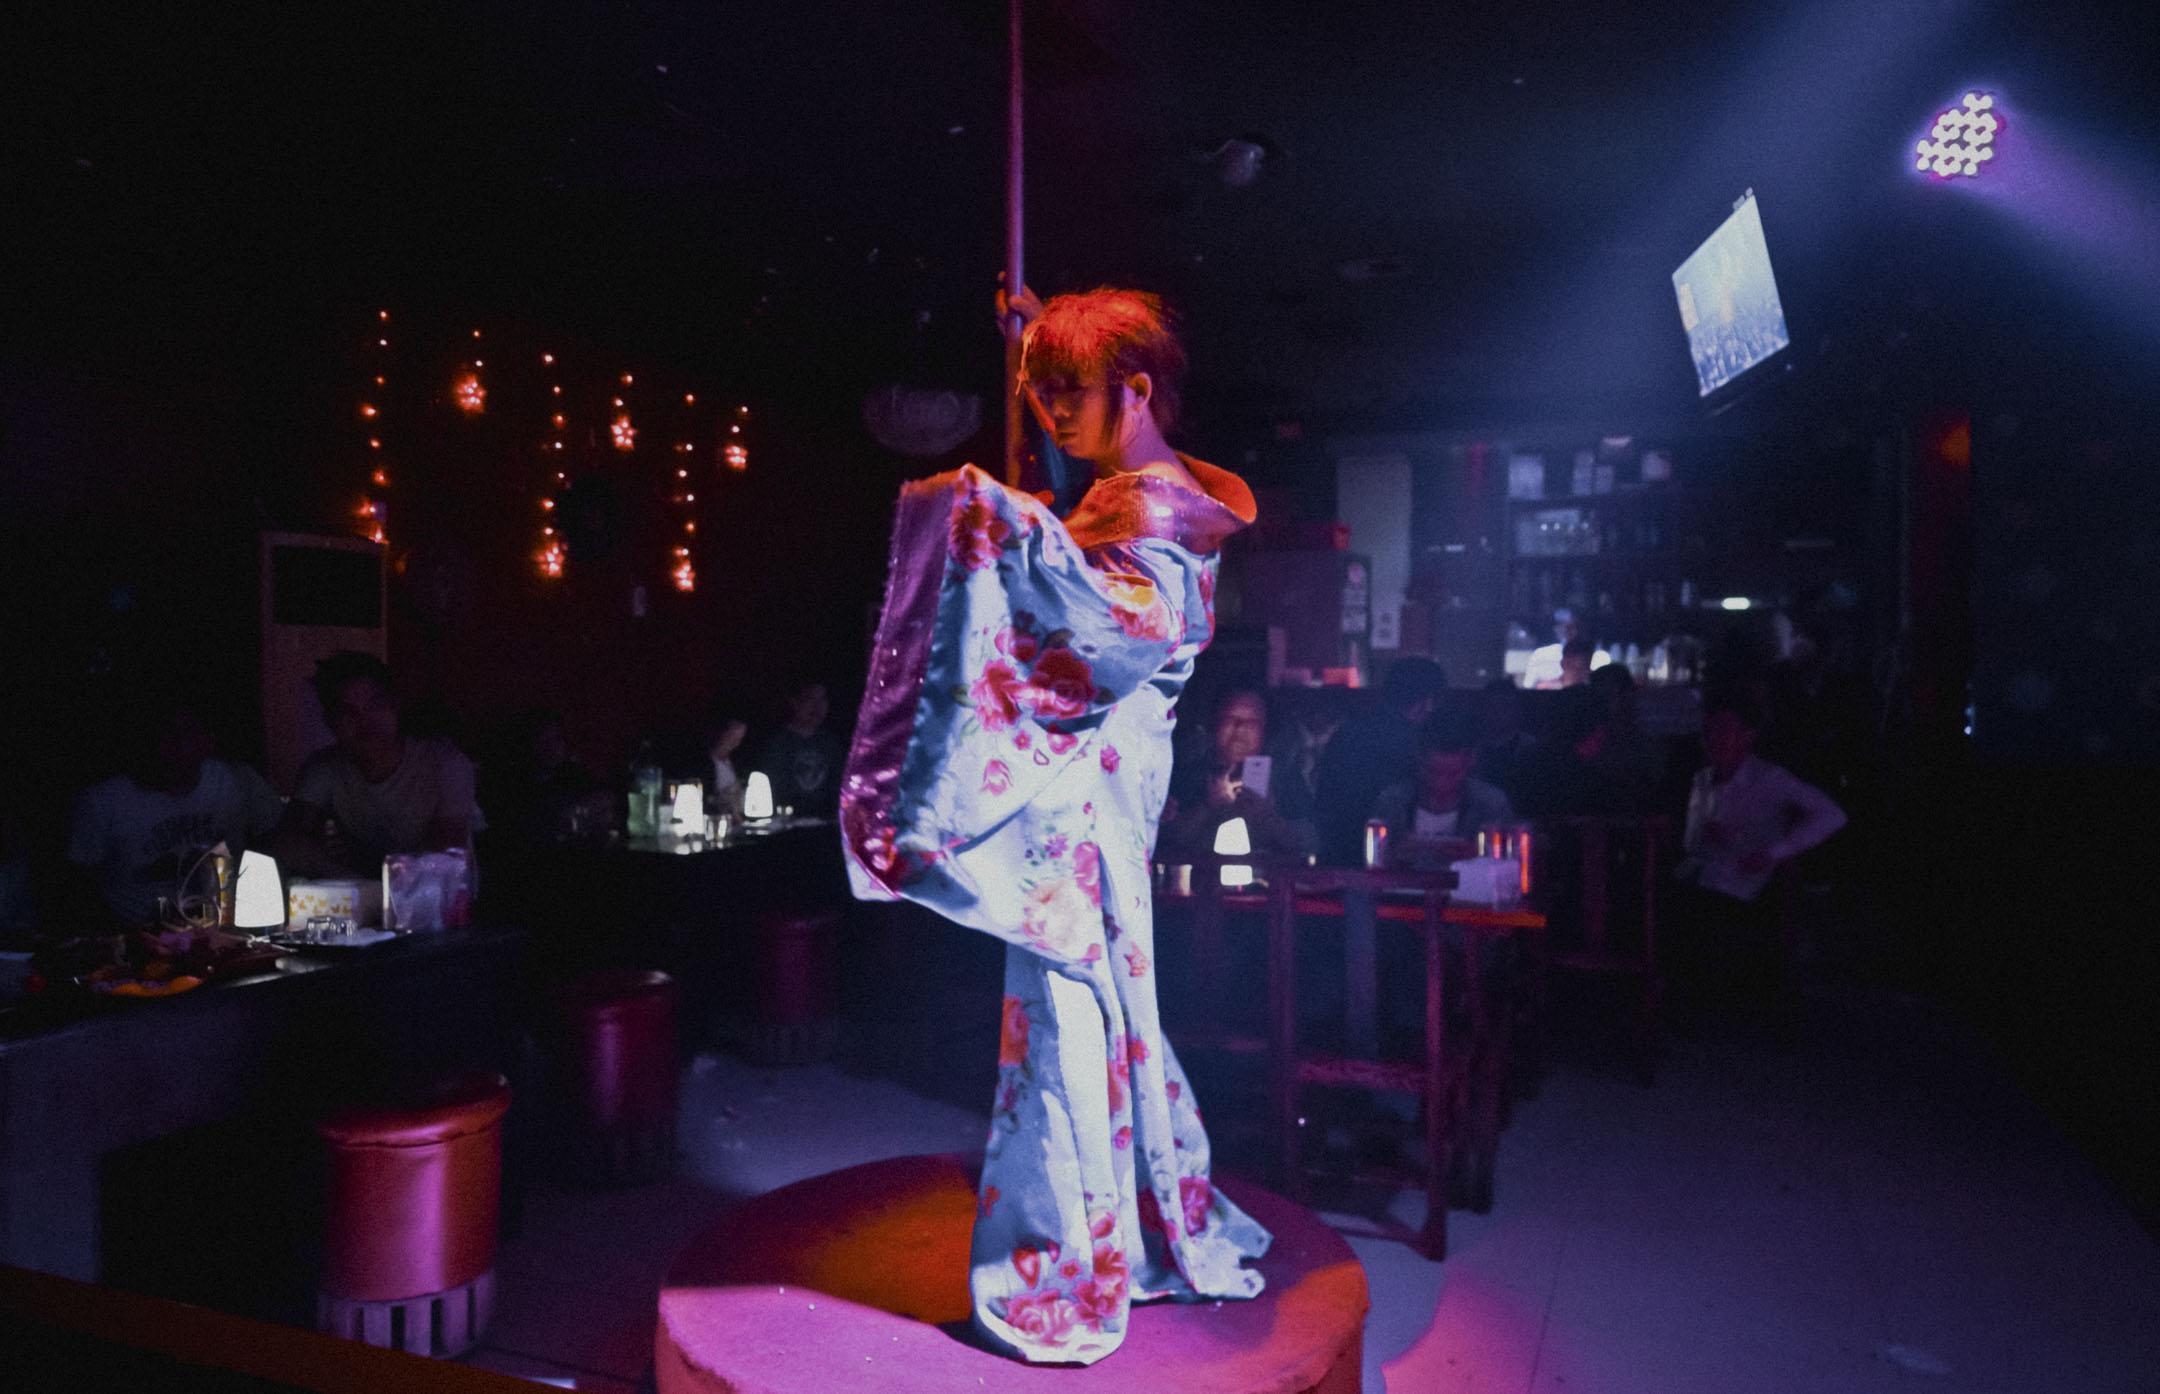 同志酒吧裏的「山雞小姐」與勤懇掙錢養家的離婚男人,兩種生活,以白天和黑夜為界,在一個人身上形成了兩種折疊起來的性別。 攝:Jams/端傳媒